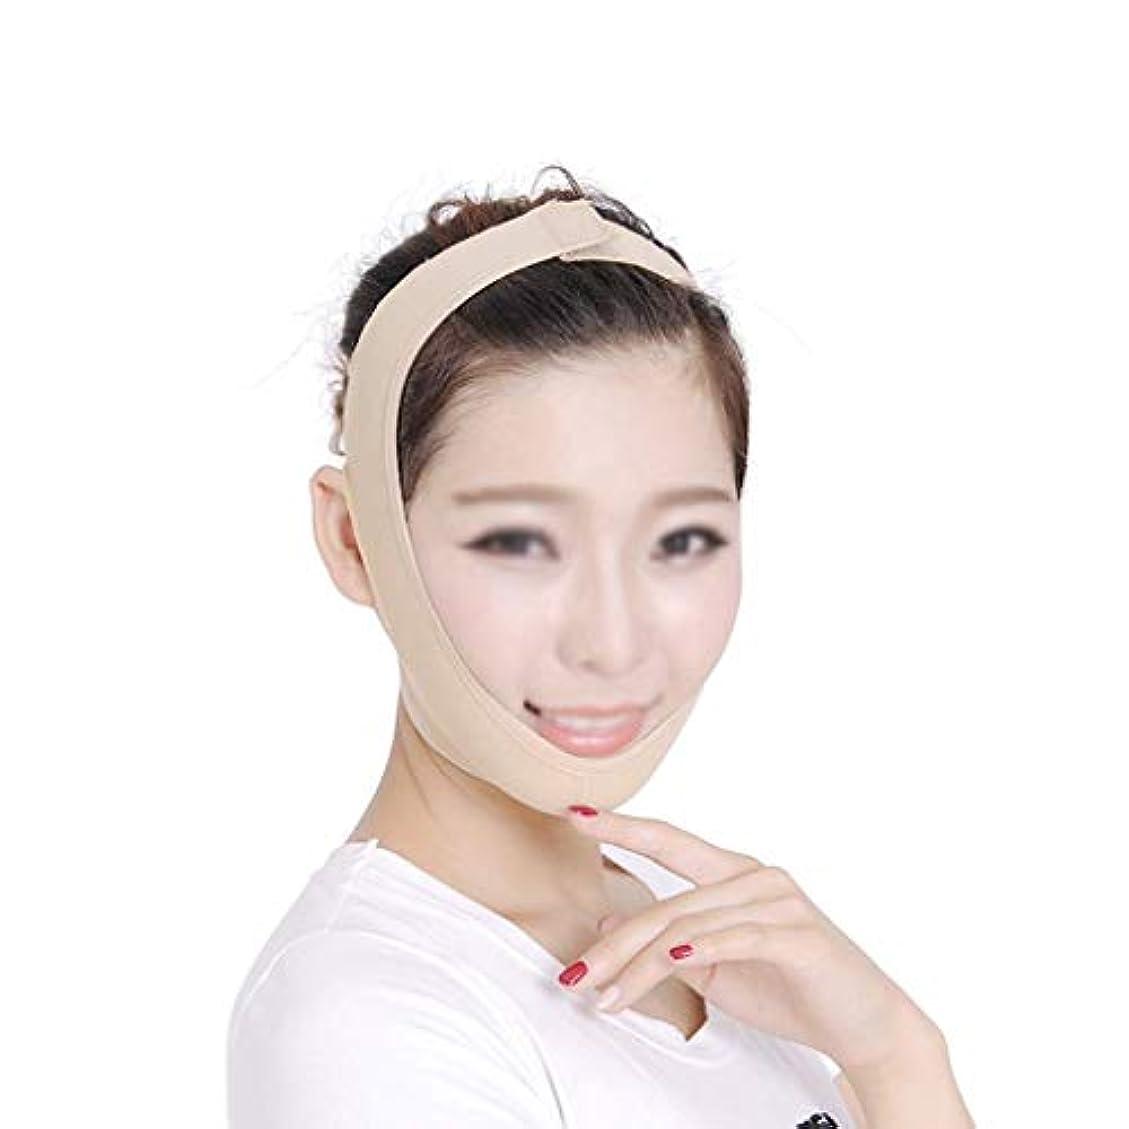 多分よろしくリマークフェイシャル減量マスクリフティングフェイス、フェイスマスク、減量包帯を除去するためのダブルチン、フェイシャルリフティング包帯、ダブルチンを減らすためのリフティングベルト(カラー:ブラック、サイズ:M),イエローピンク、S